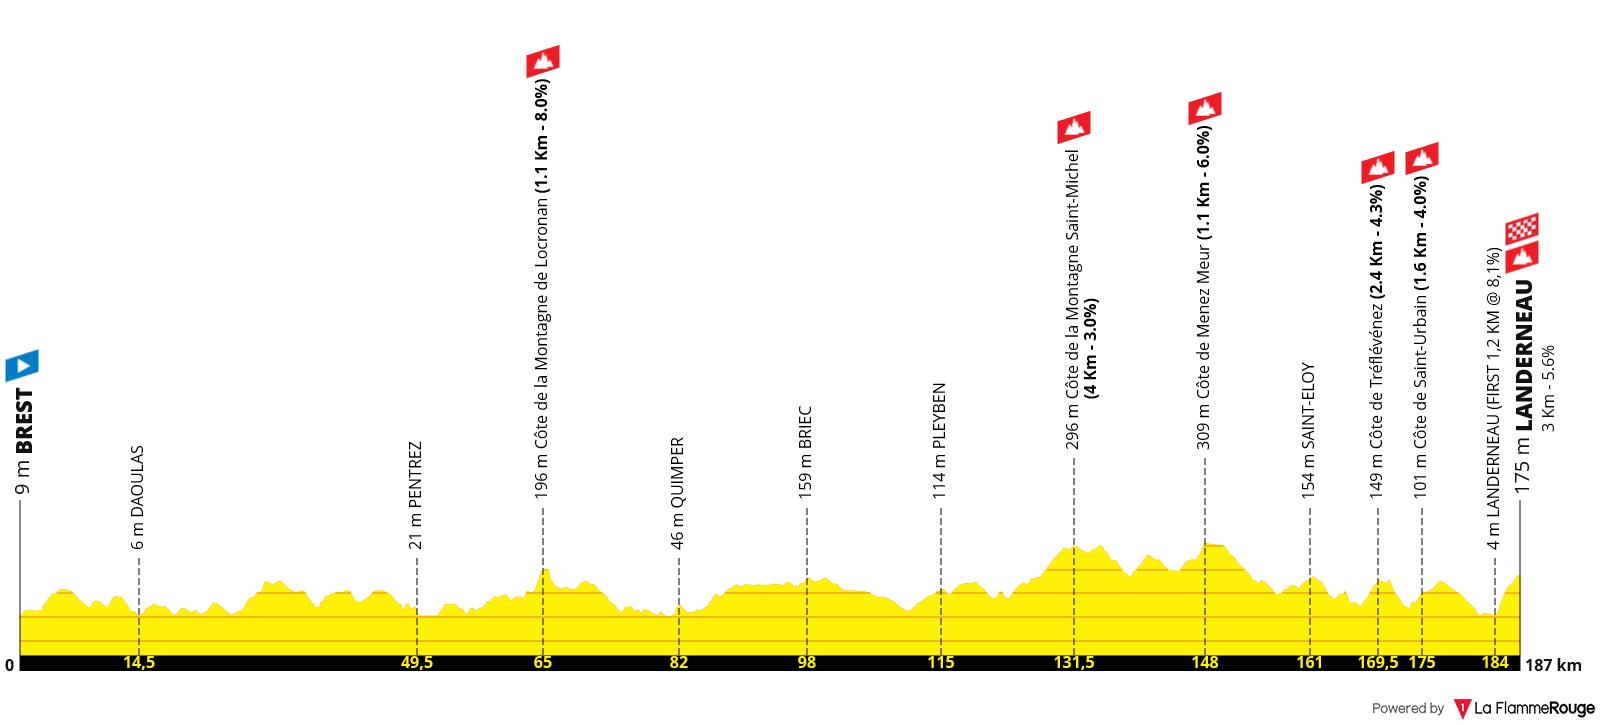 Etapa 01 - Tour de Francia 2021